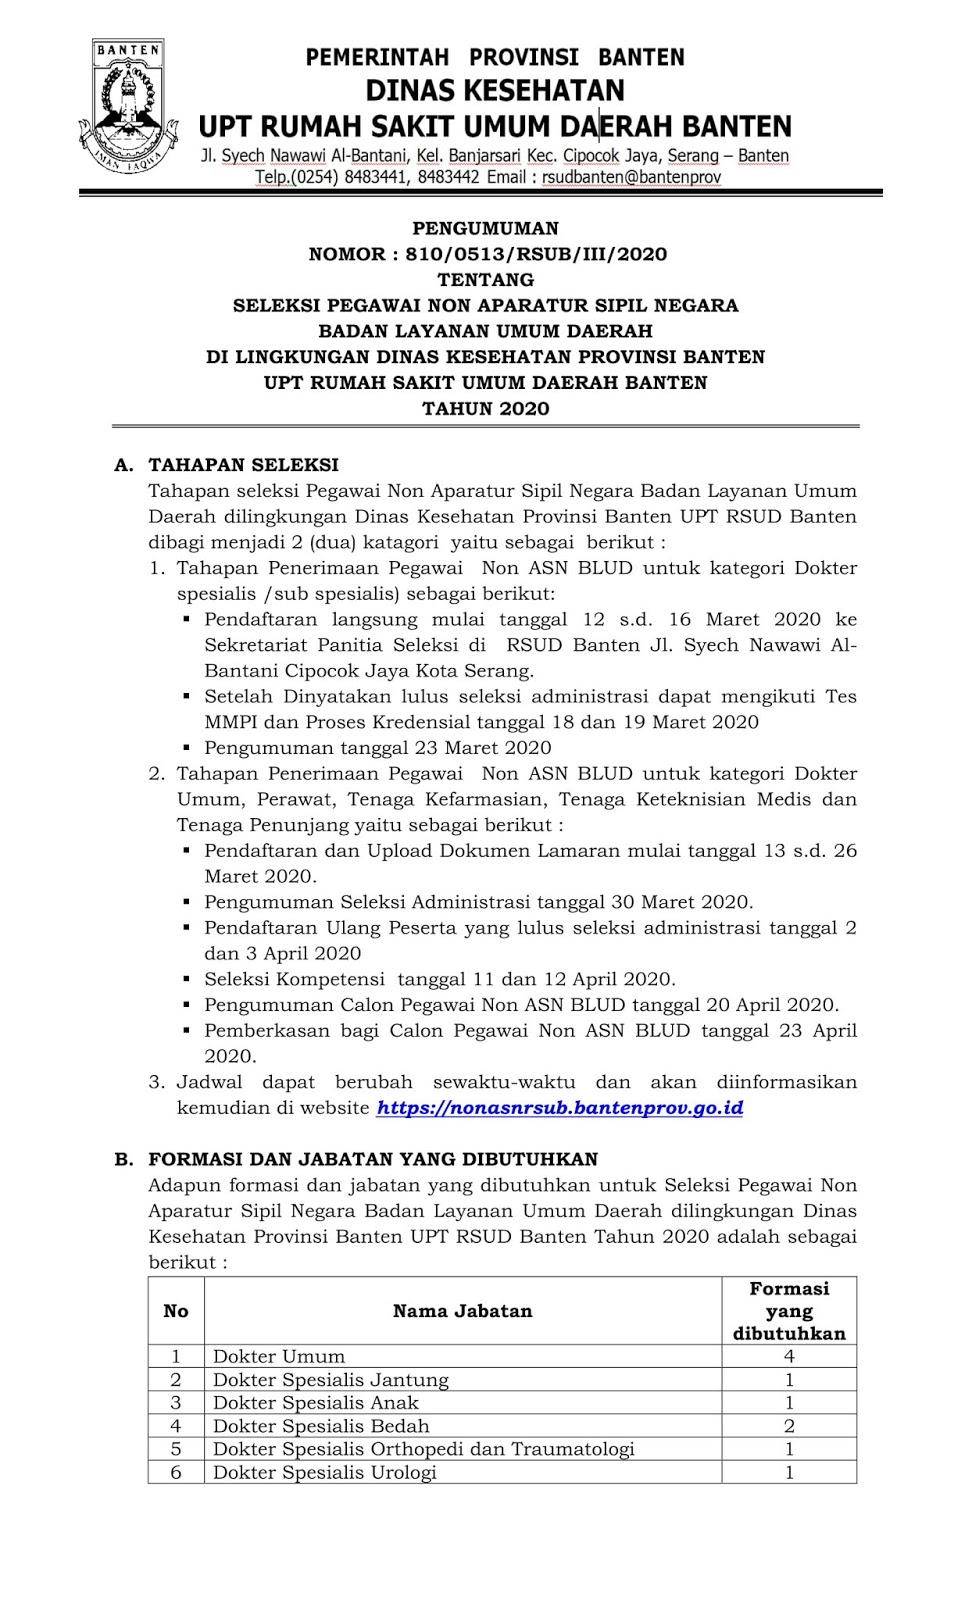 Rekrutmen Pegawai Non PNS BLUD Dinas Kesehatan UPT RSUD Banten Bulan Maret 2020